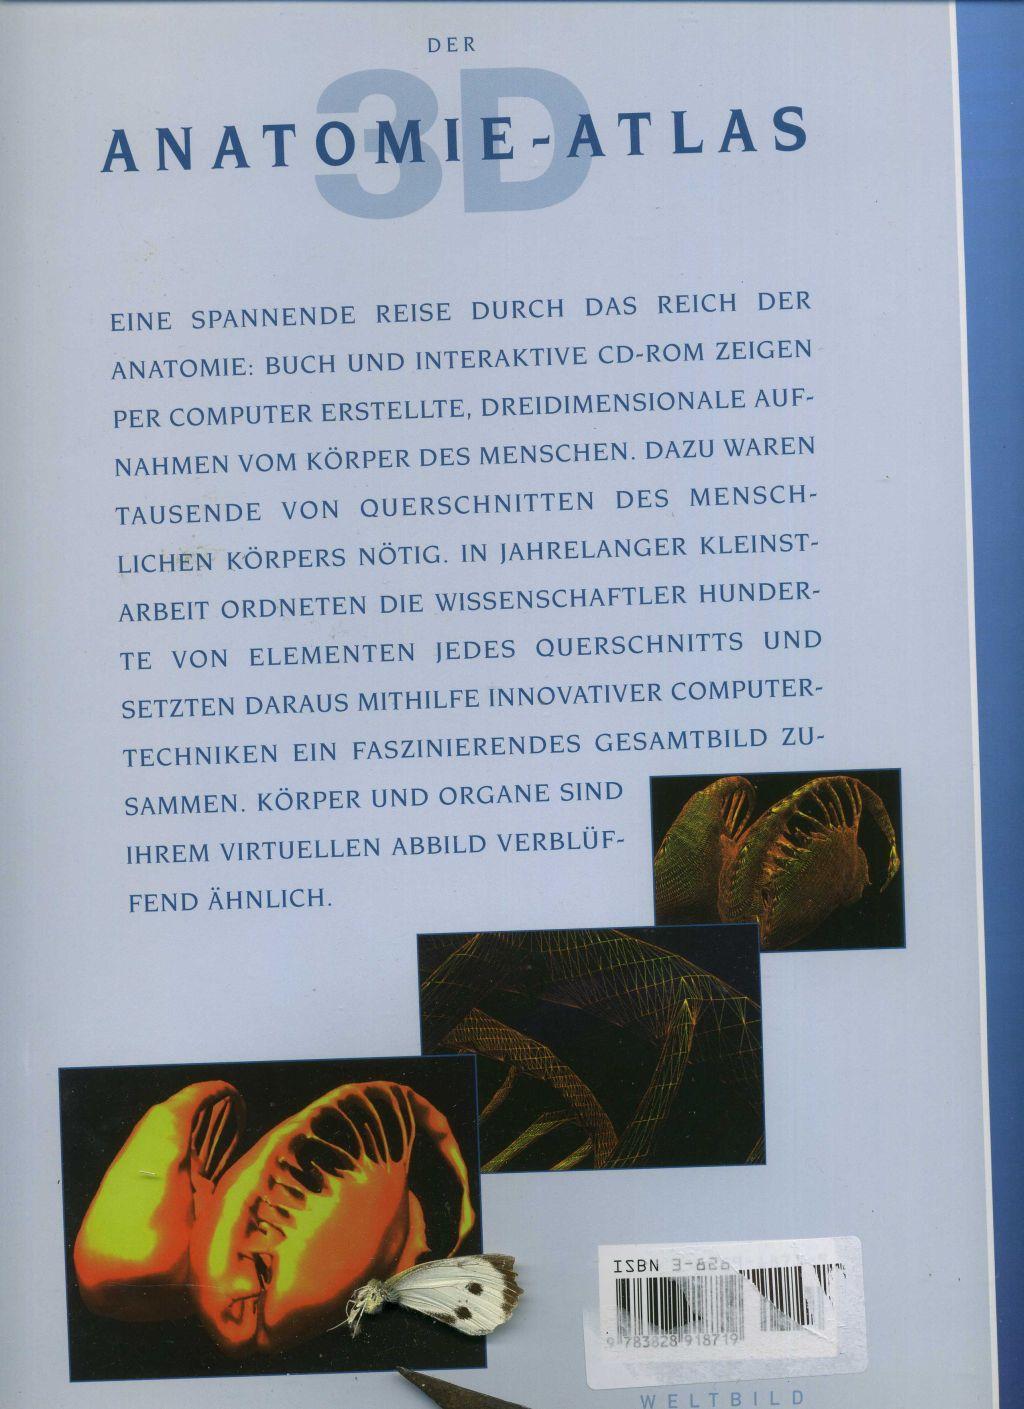 der 3d anatomie atlas mit von mccracken - ZVAB